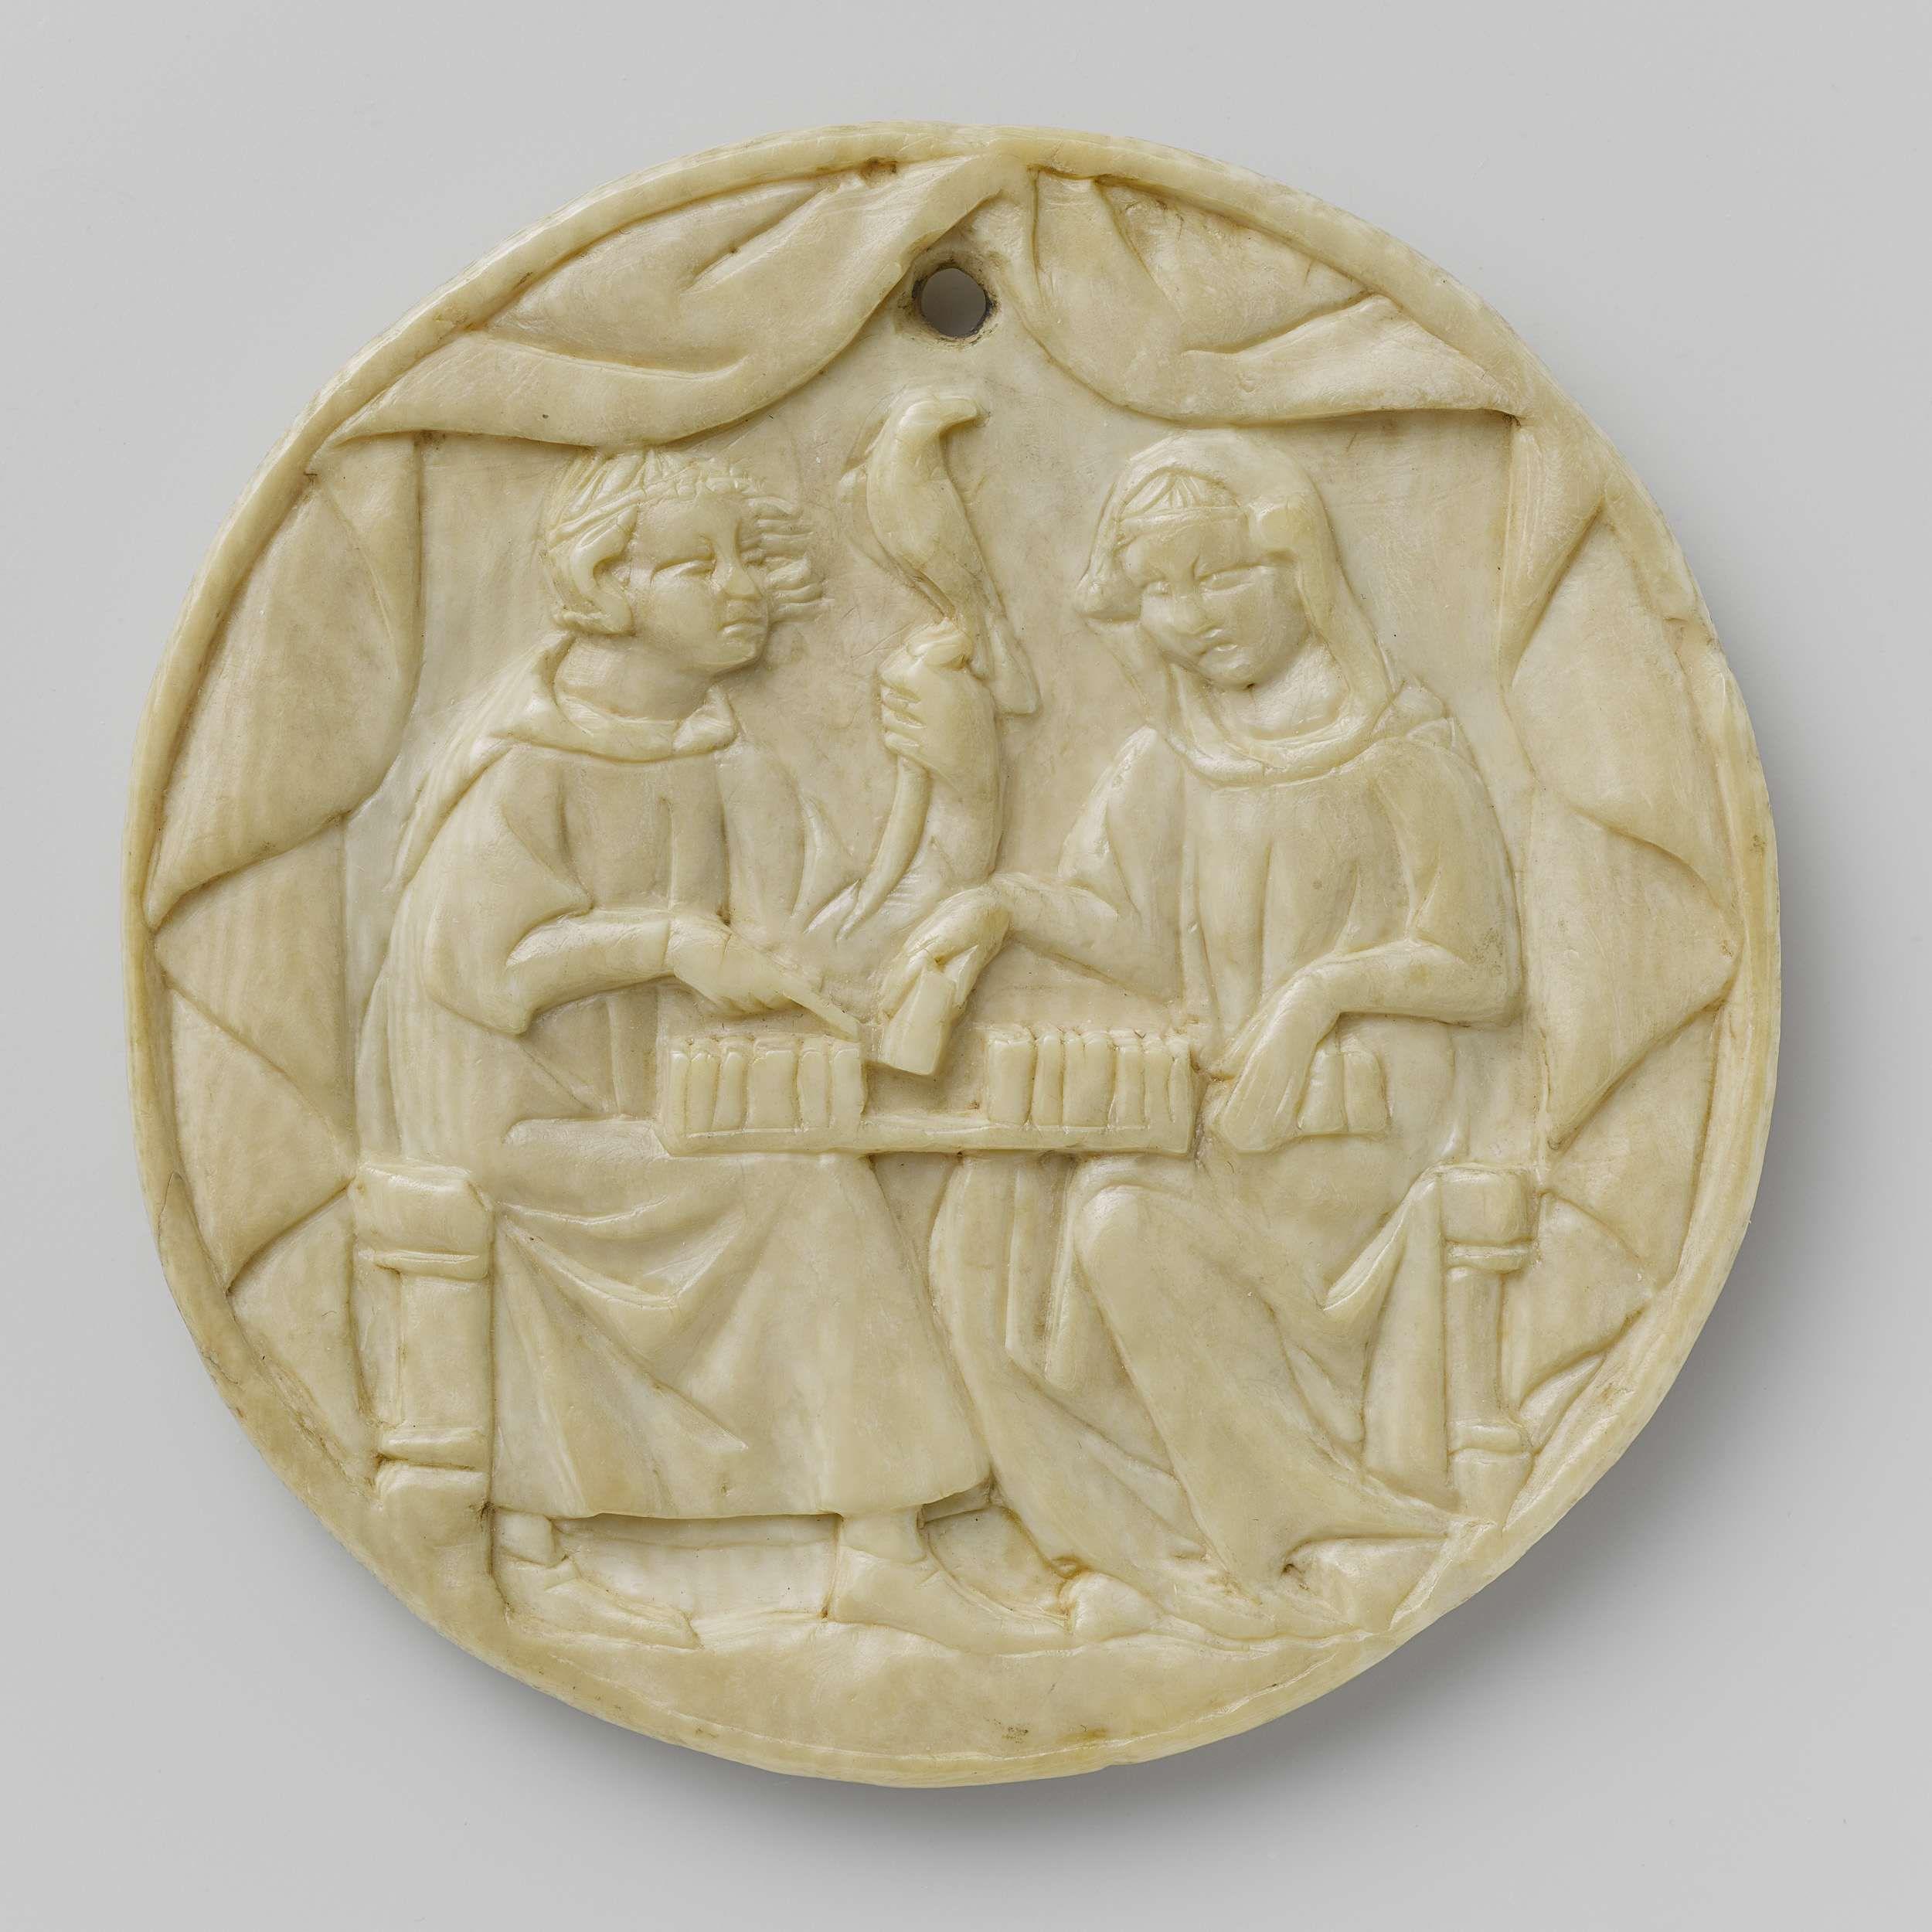 Deksel van een spiegeldoos met een jongeman en een vrouw bij het schaakspel, anoniem, 1350